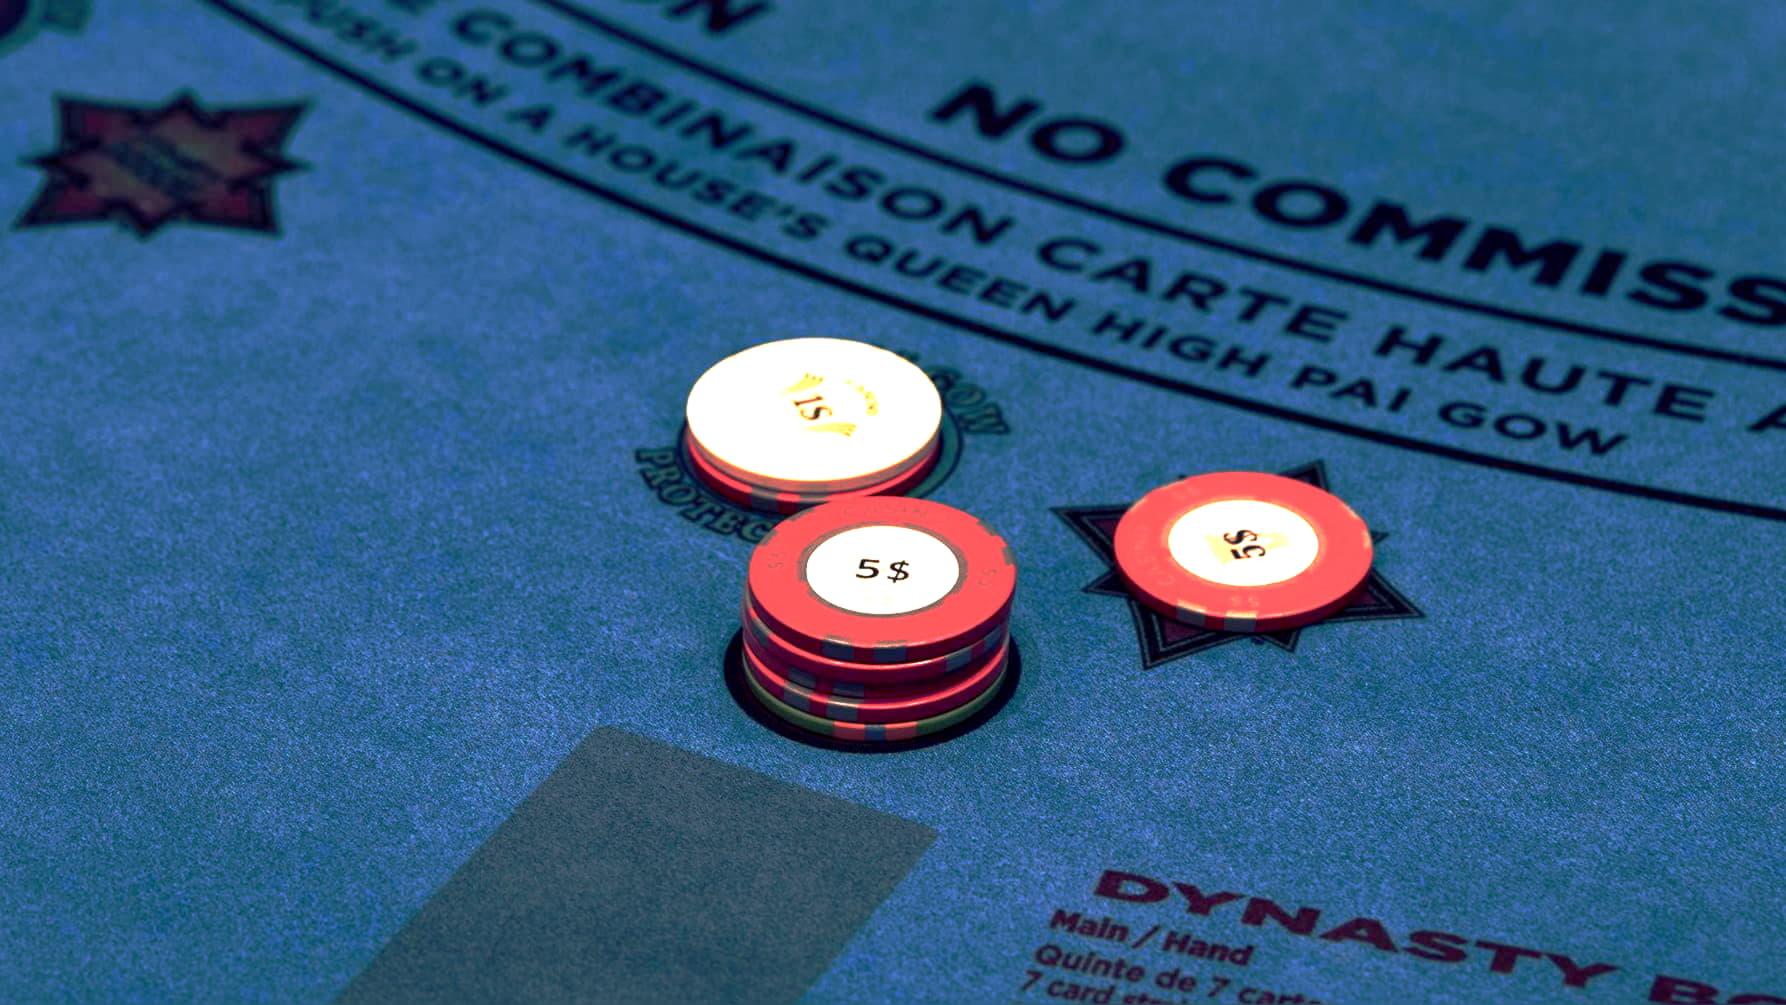 casinoonlinevaatab üle uue boonuse